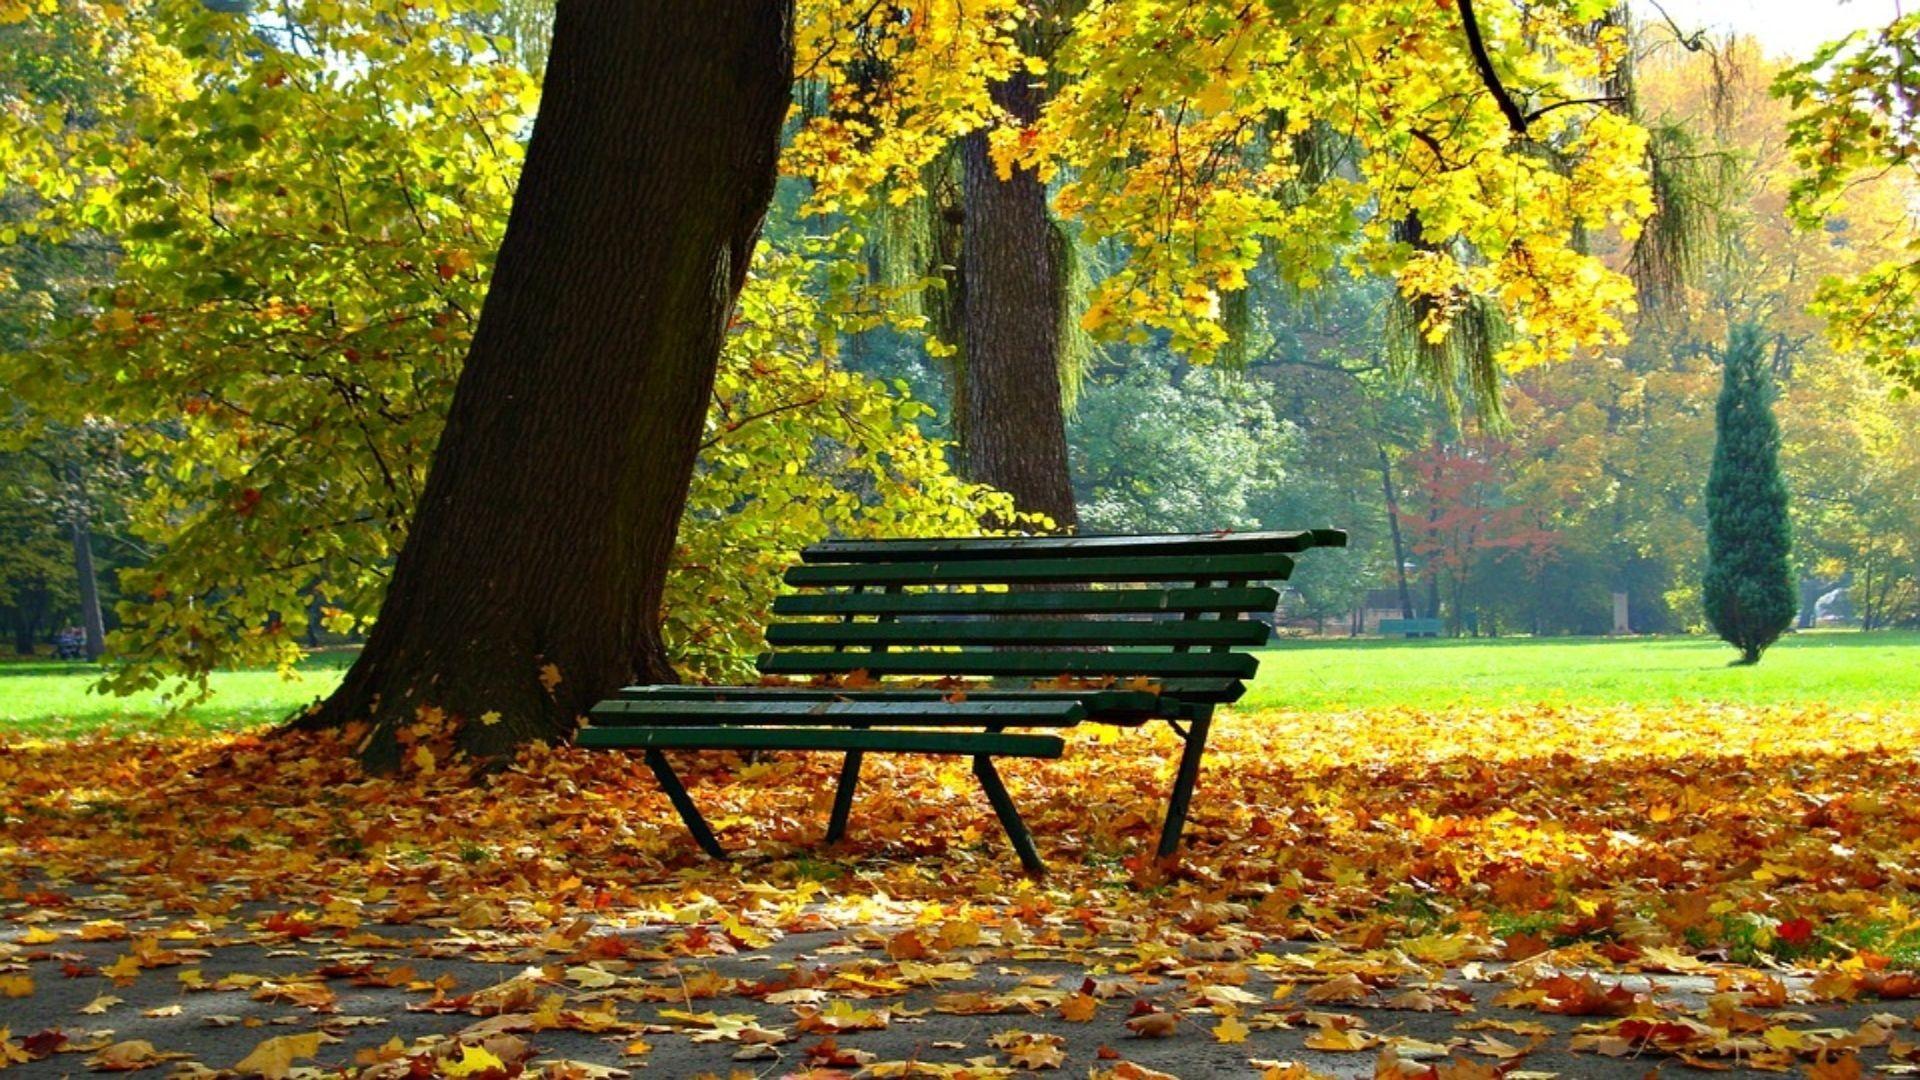 autumn-1877749_960_720 (1)